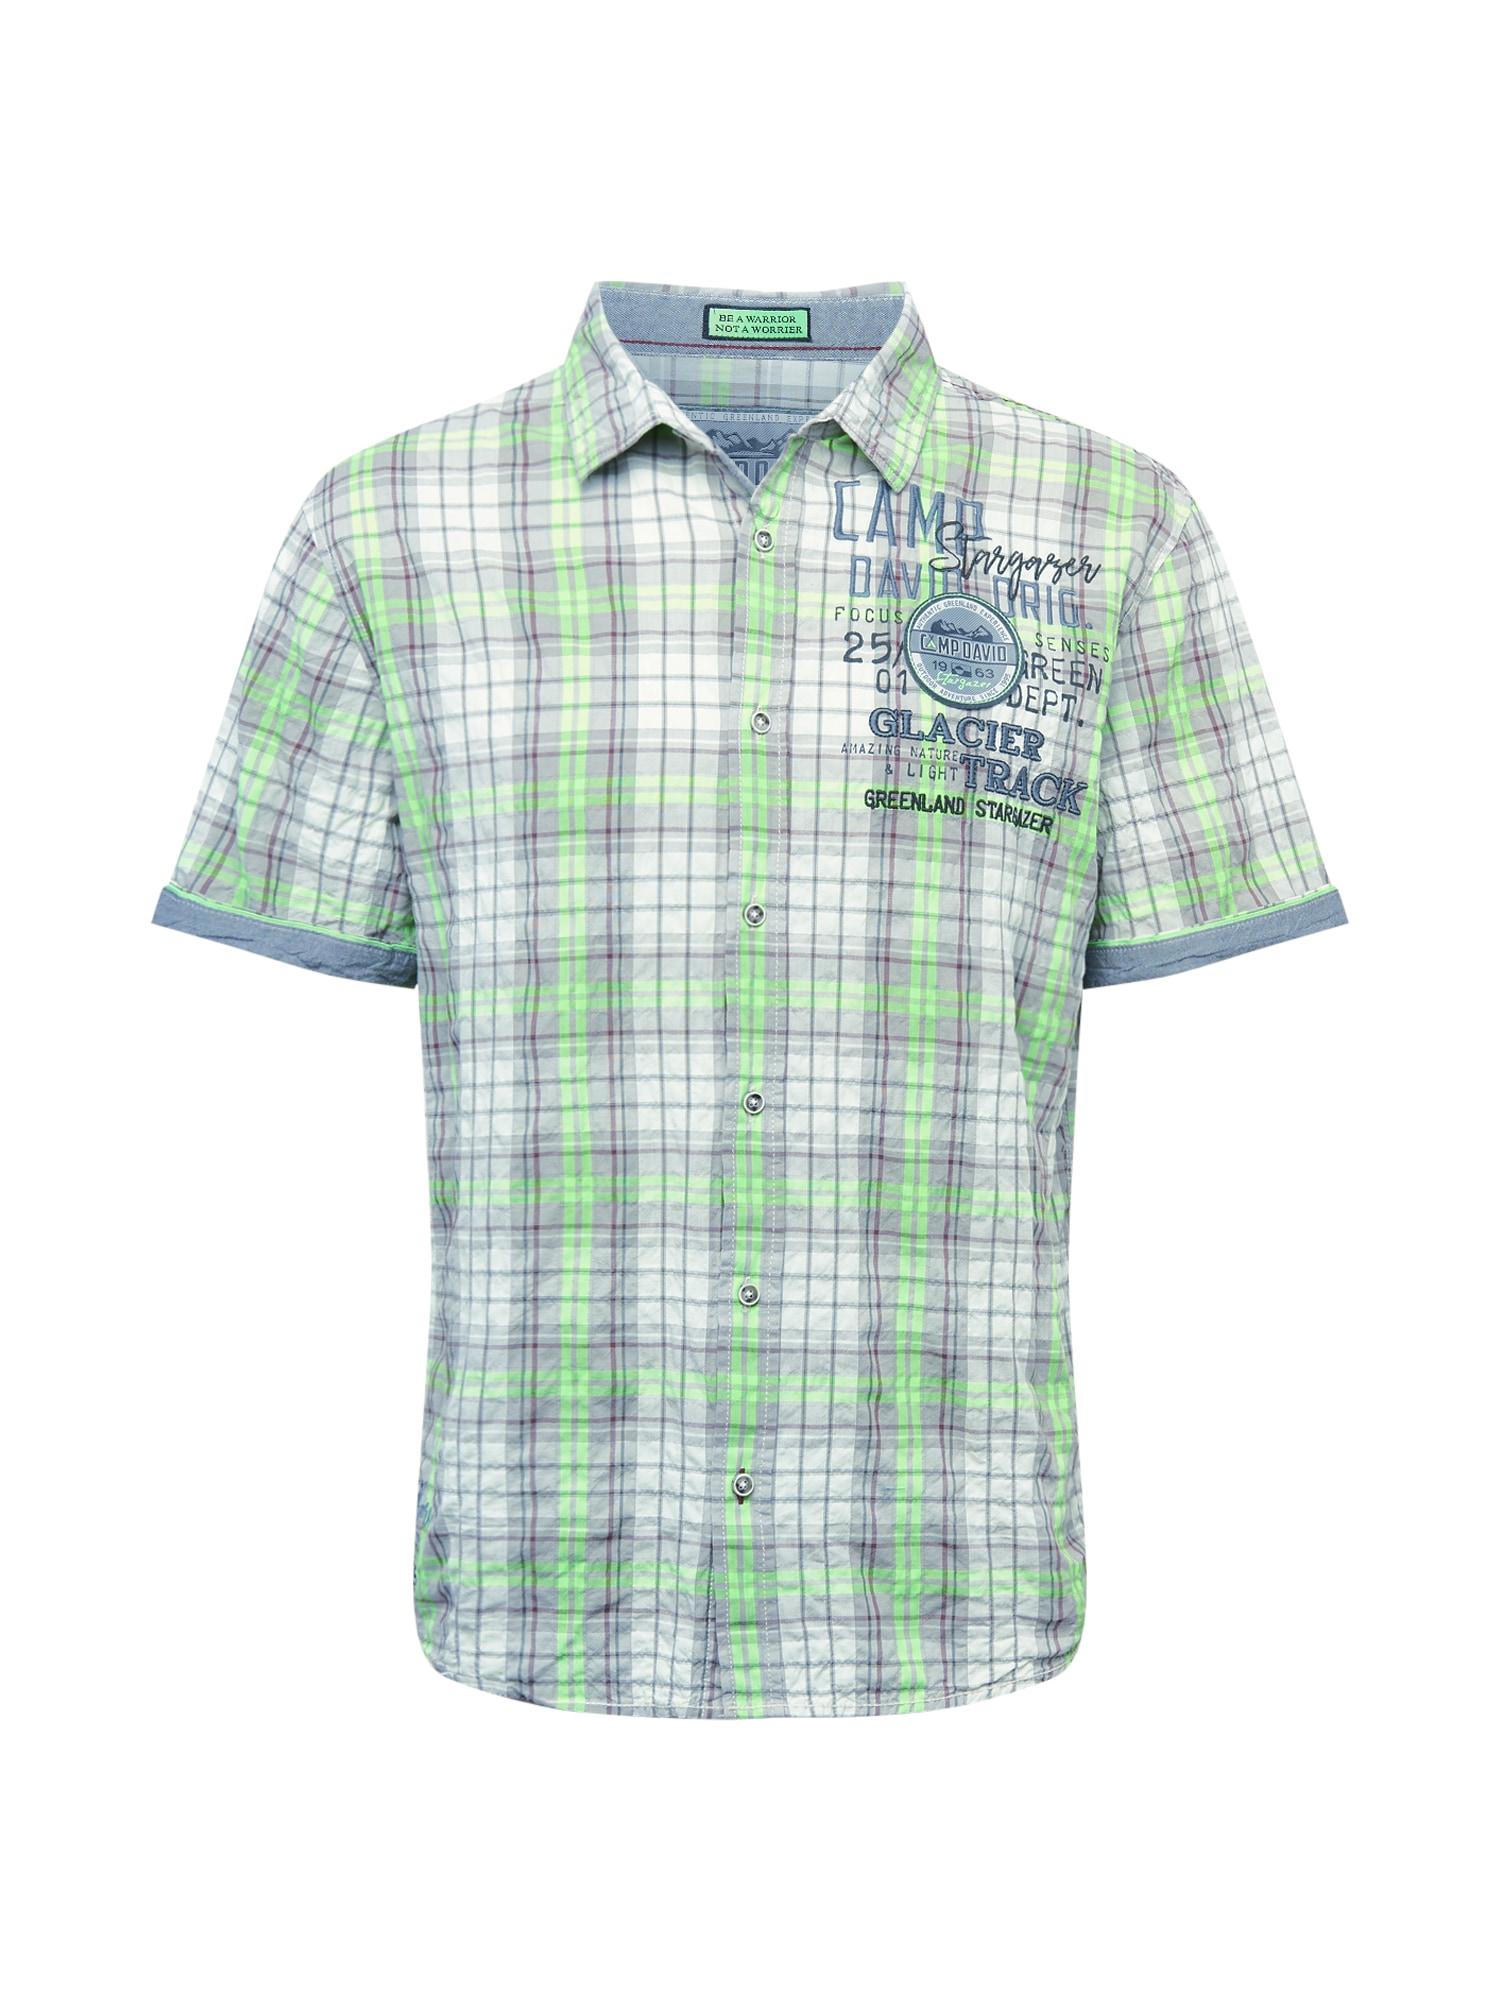 CAMP DAVID Marškiniai balta / kivių spalva / mėlyna